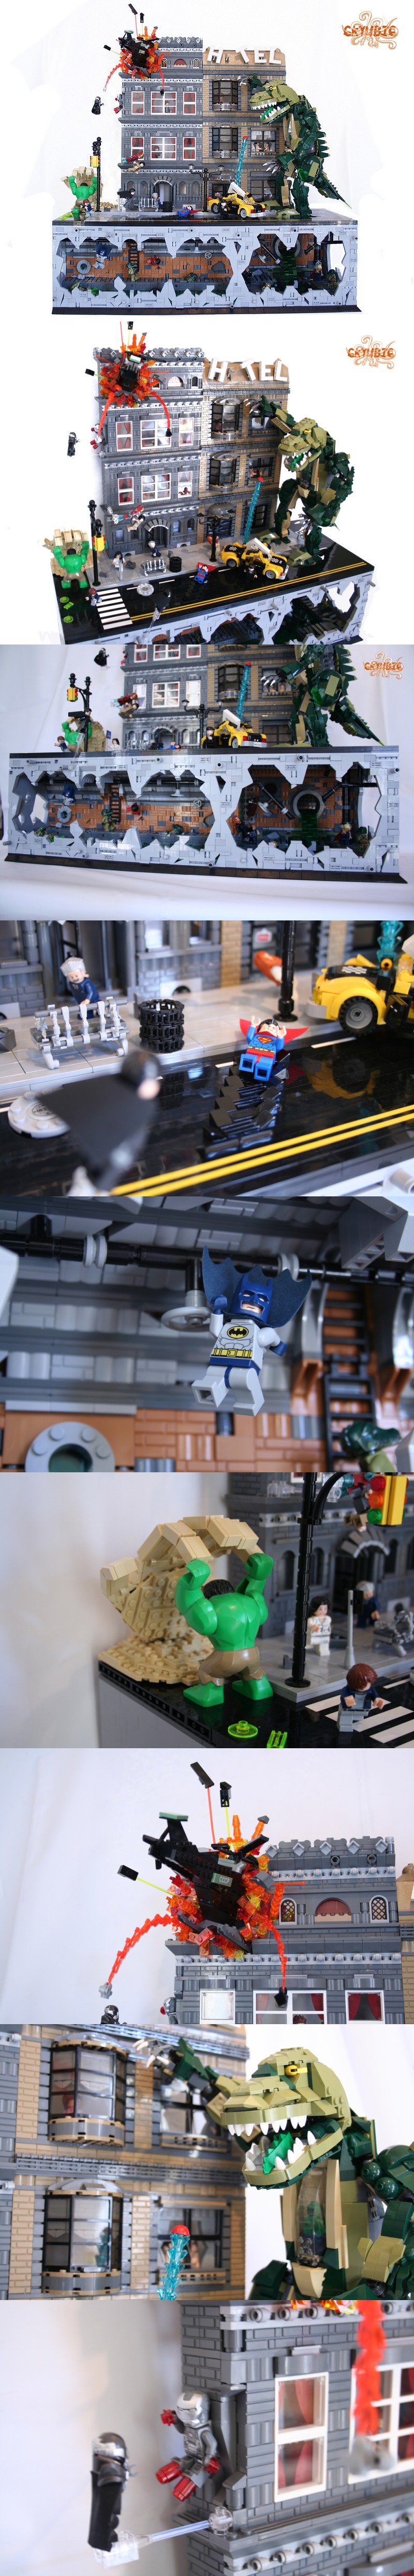 Super Heroes 3lug Project #LEGO #superheroes #kockamania